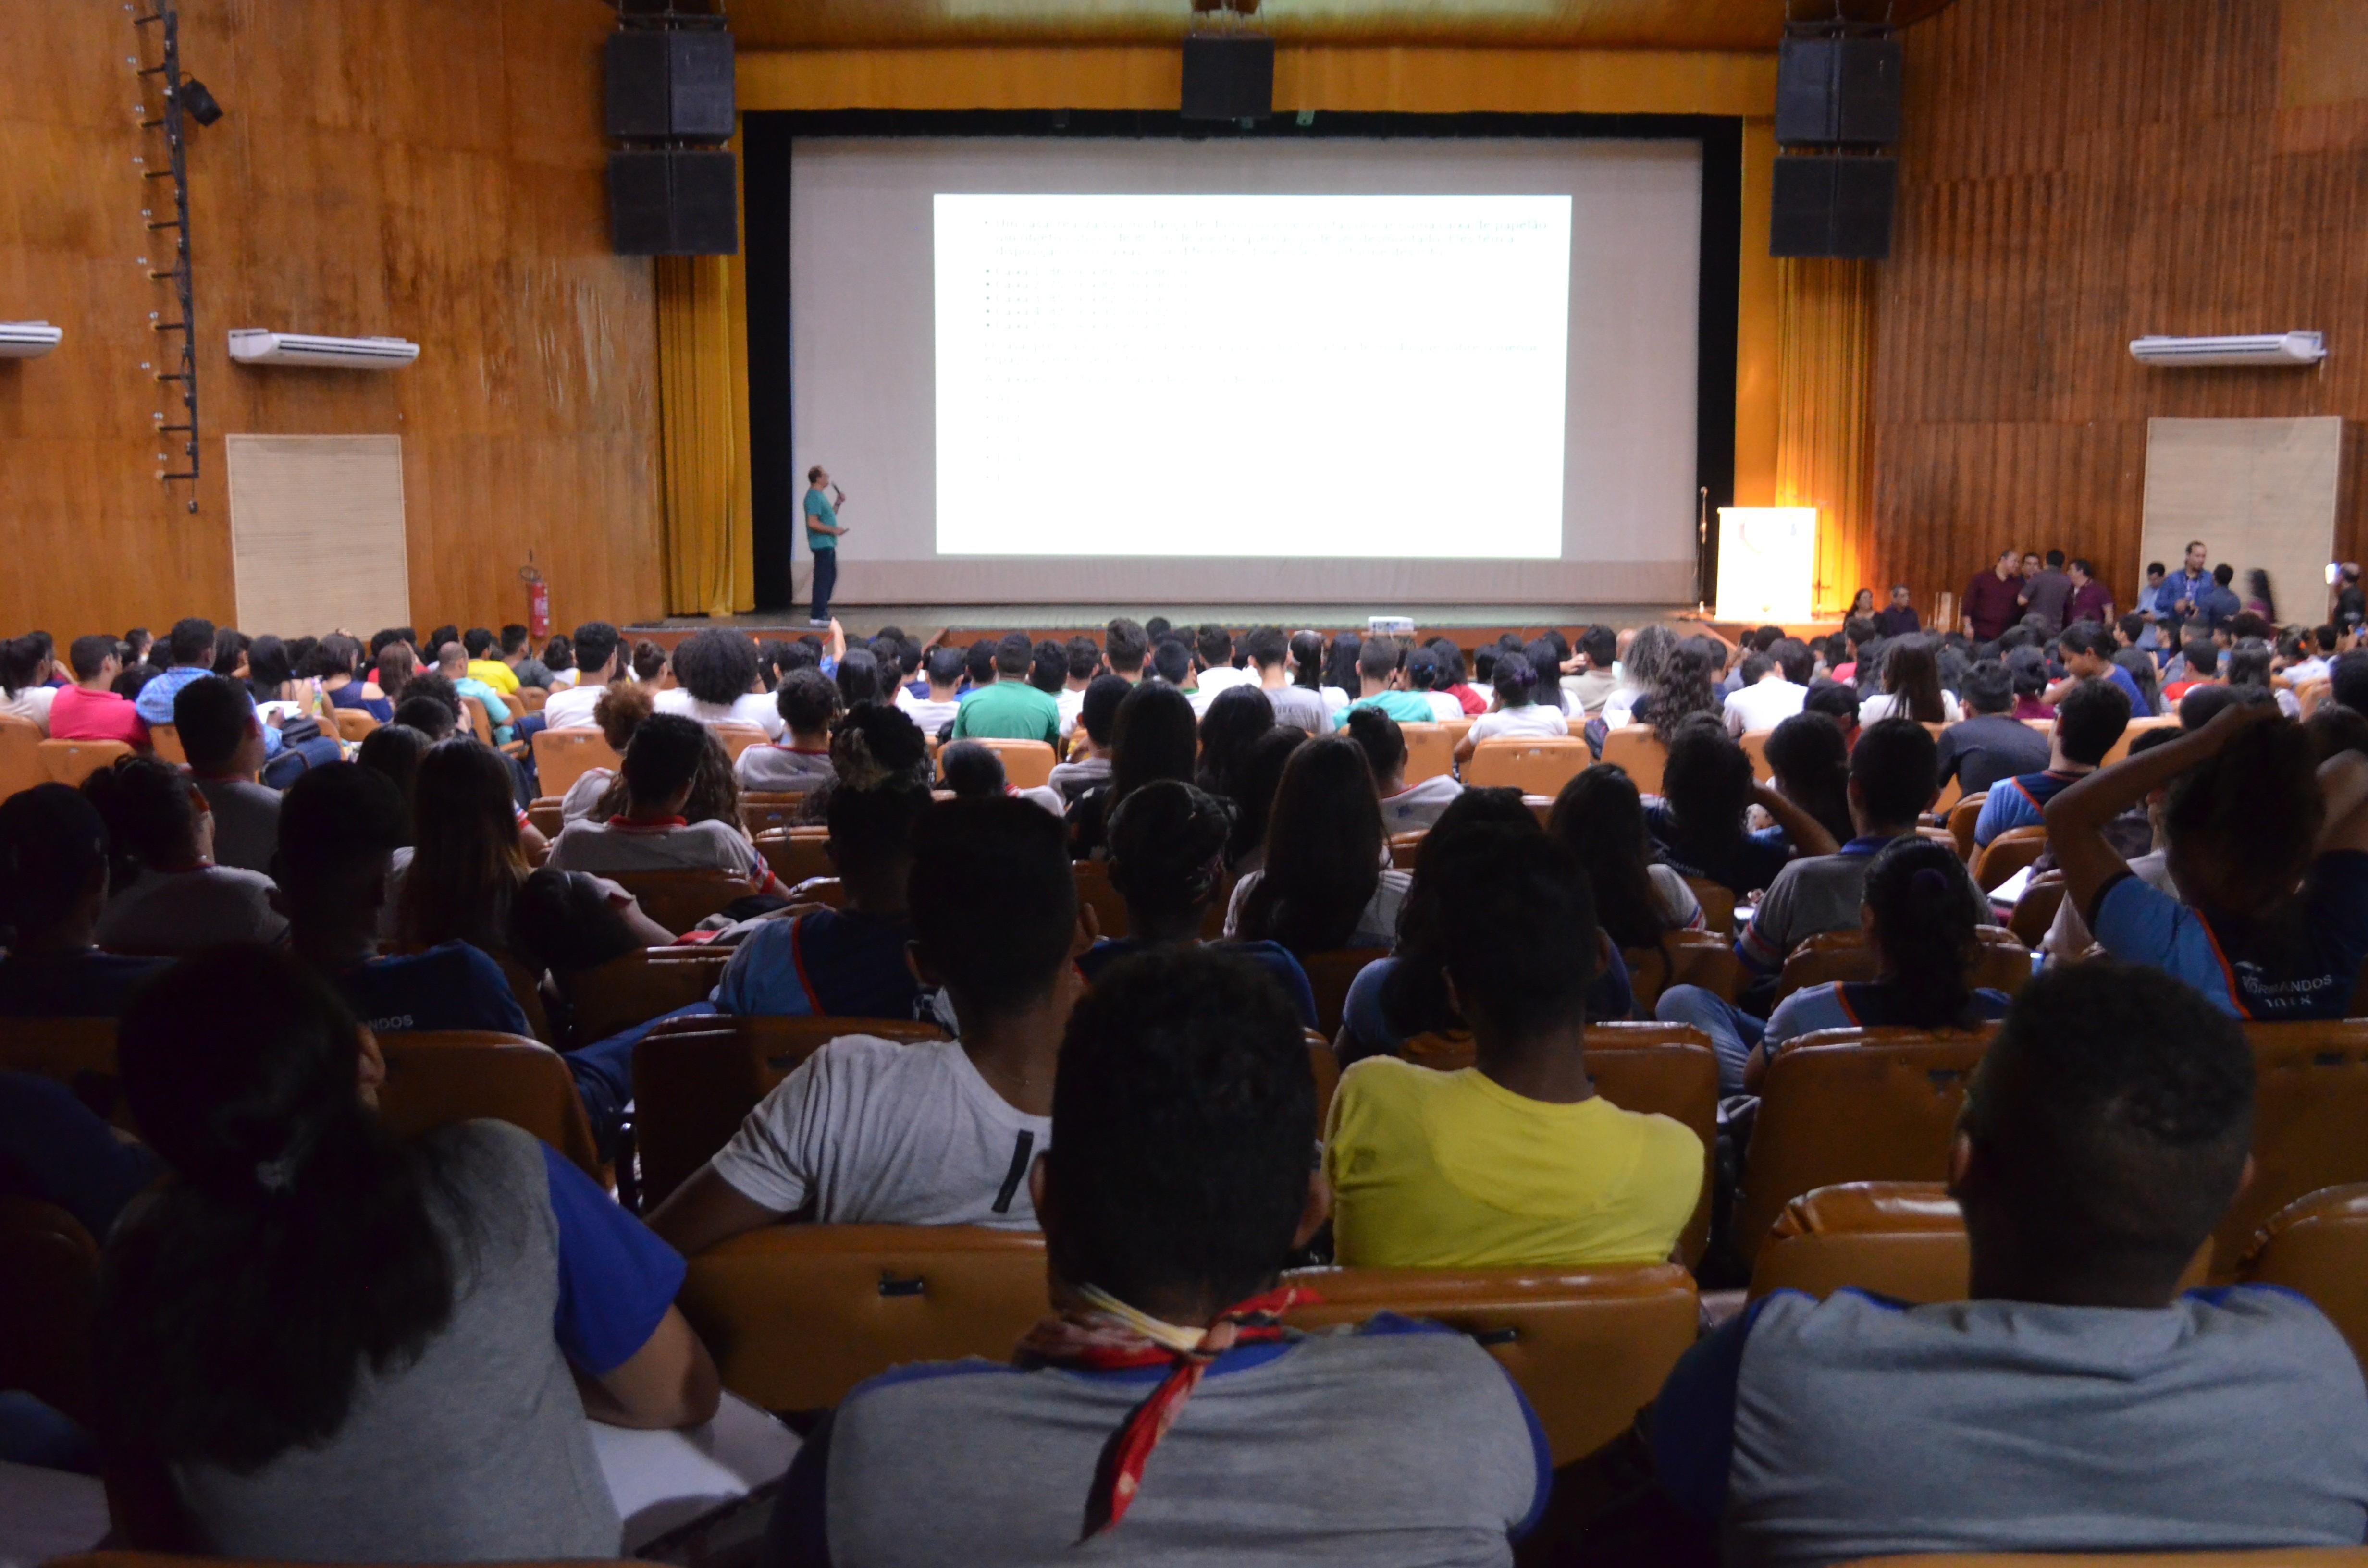 Cursinho pré-Enem gratuito abre 600 vagas para estudantes da rede pública de ensino no AP - Notícias - Plantão Diário